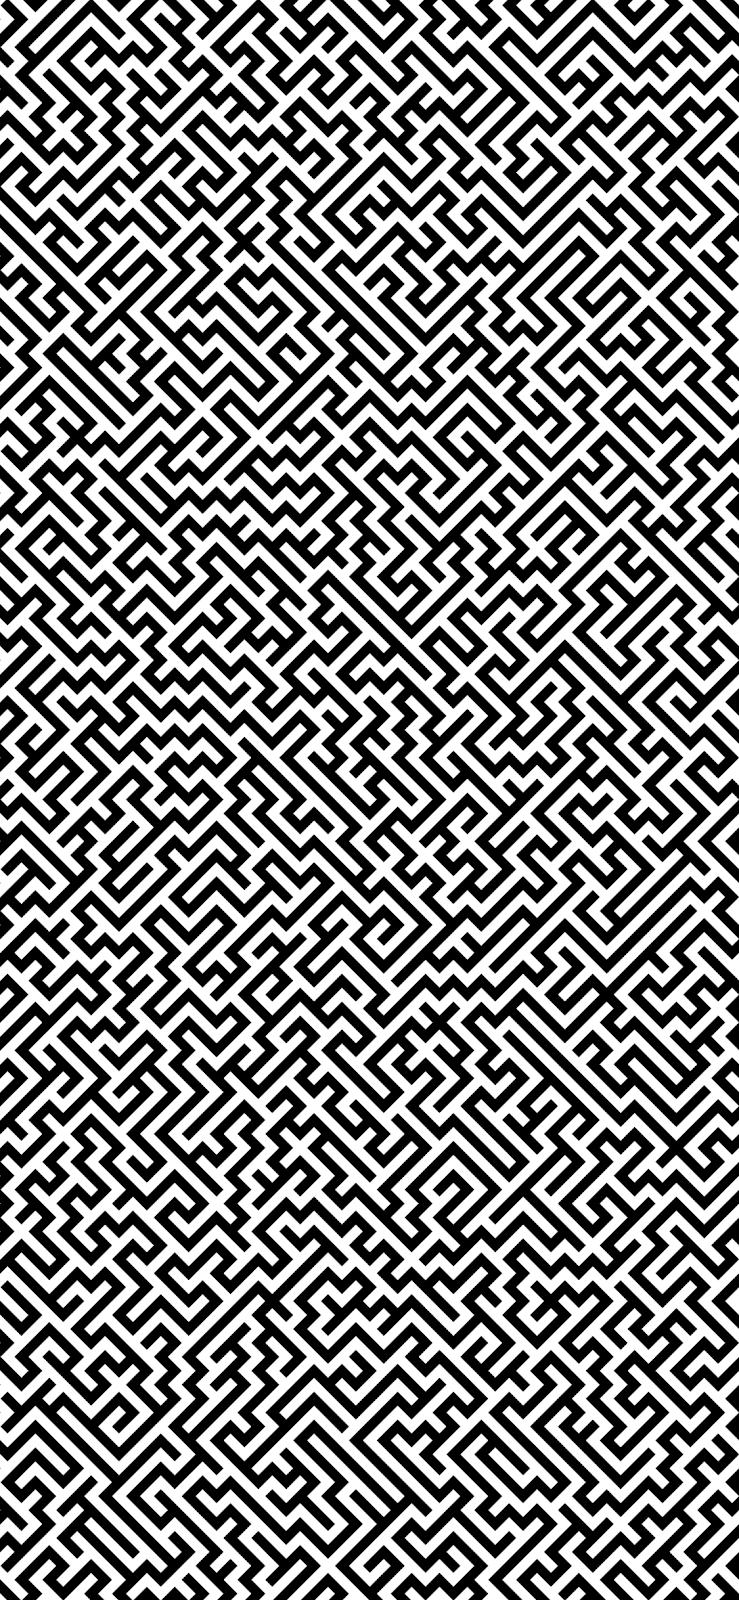 Maze phone wallpaper